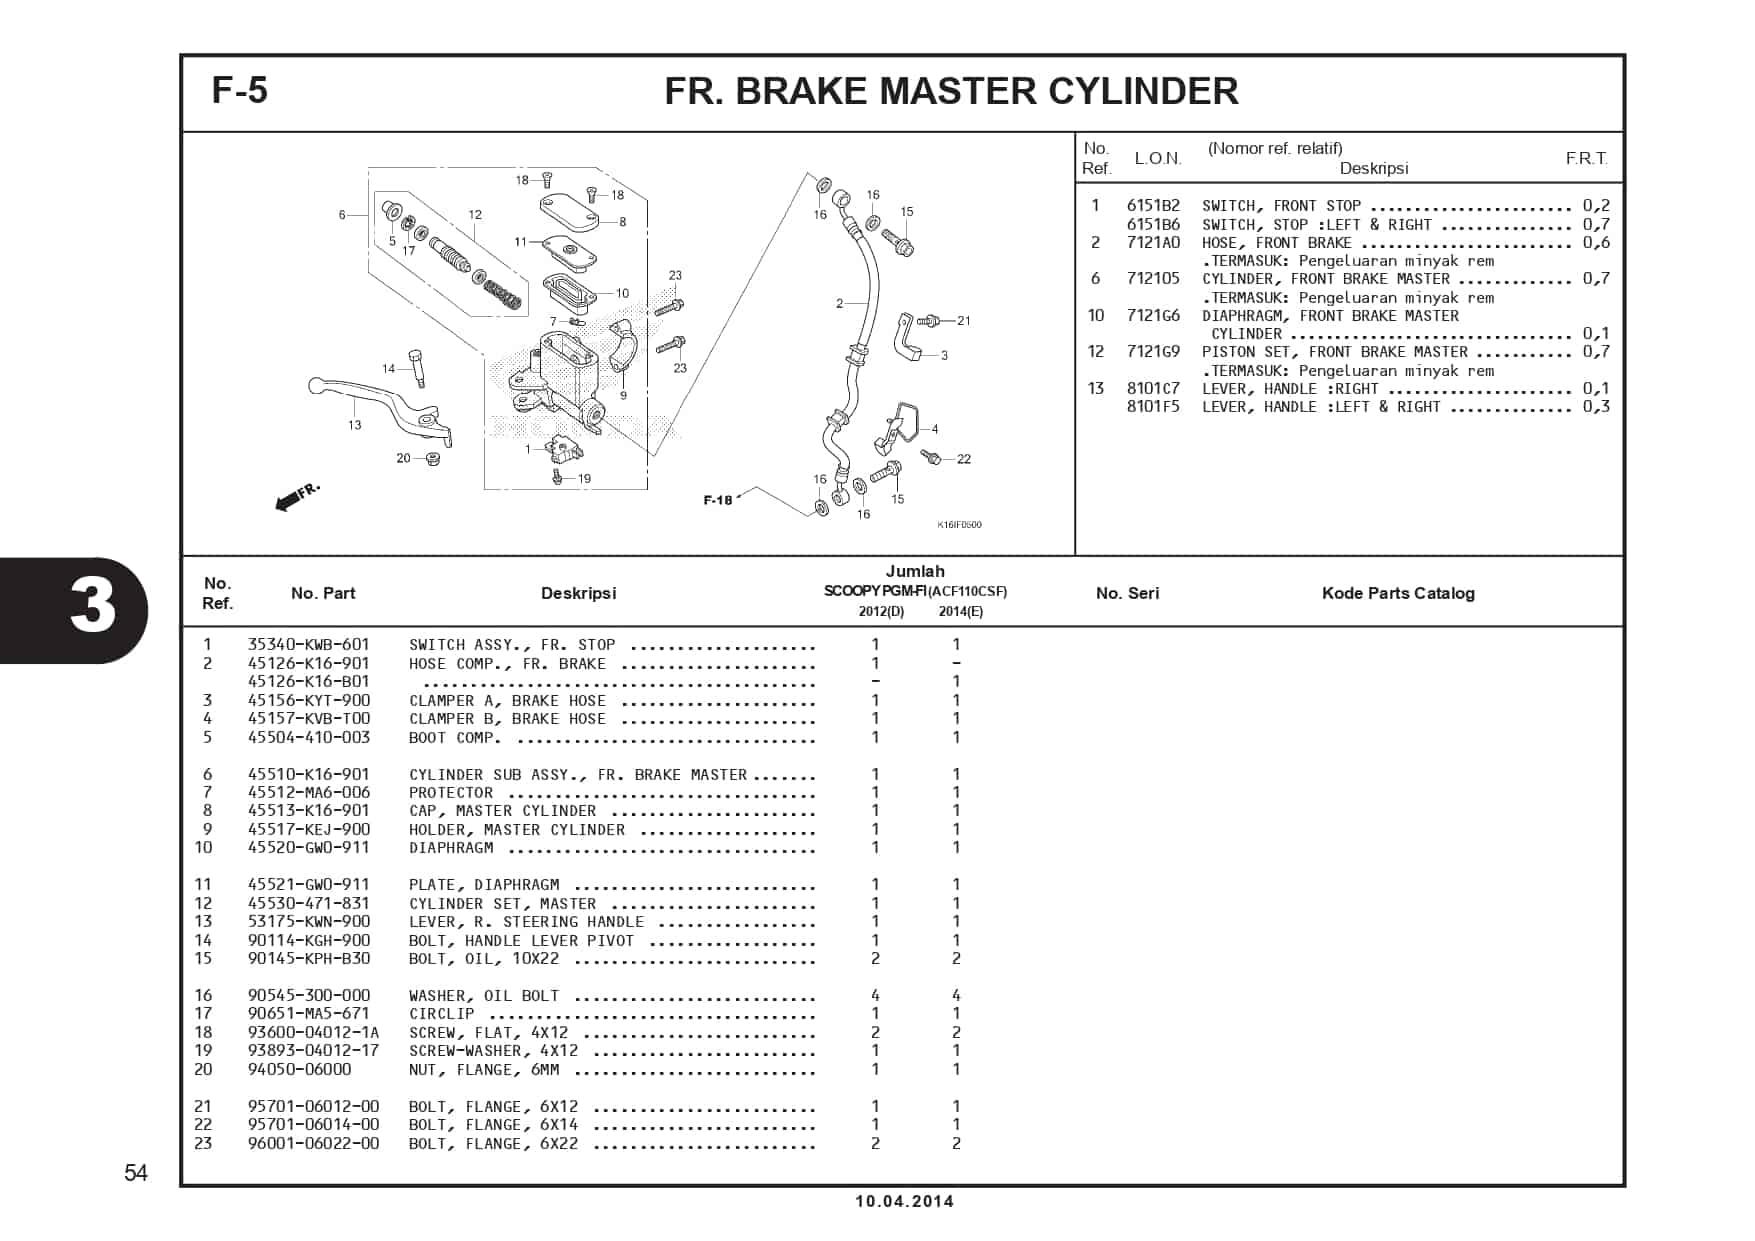 F-5 FR Brake Master Cylinder